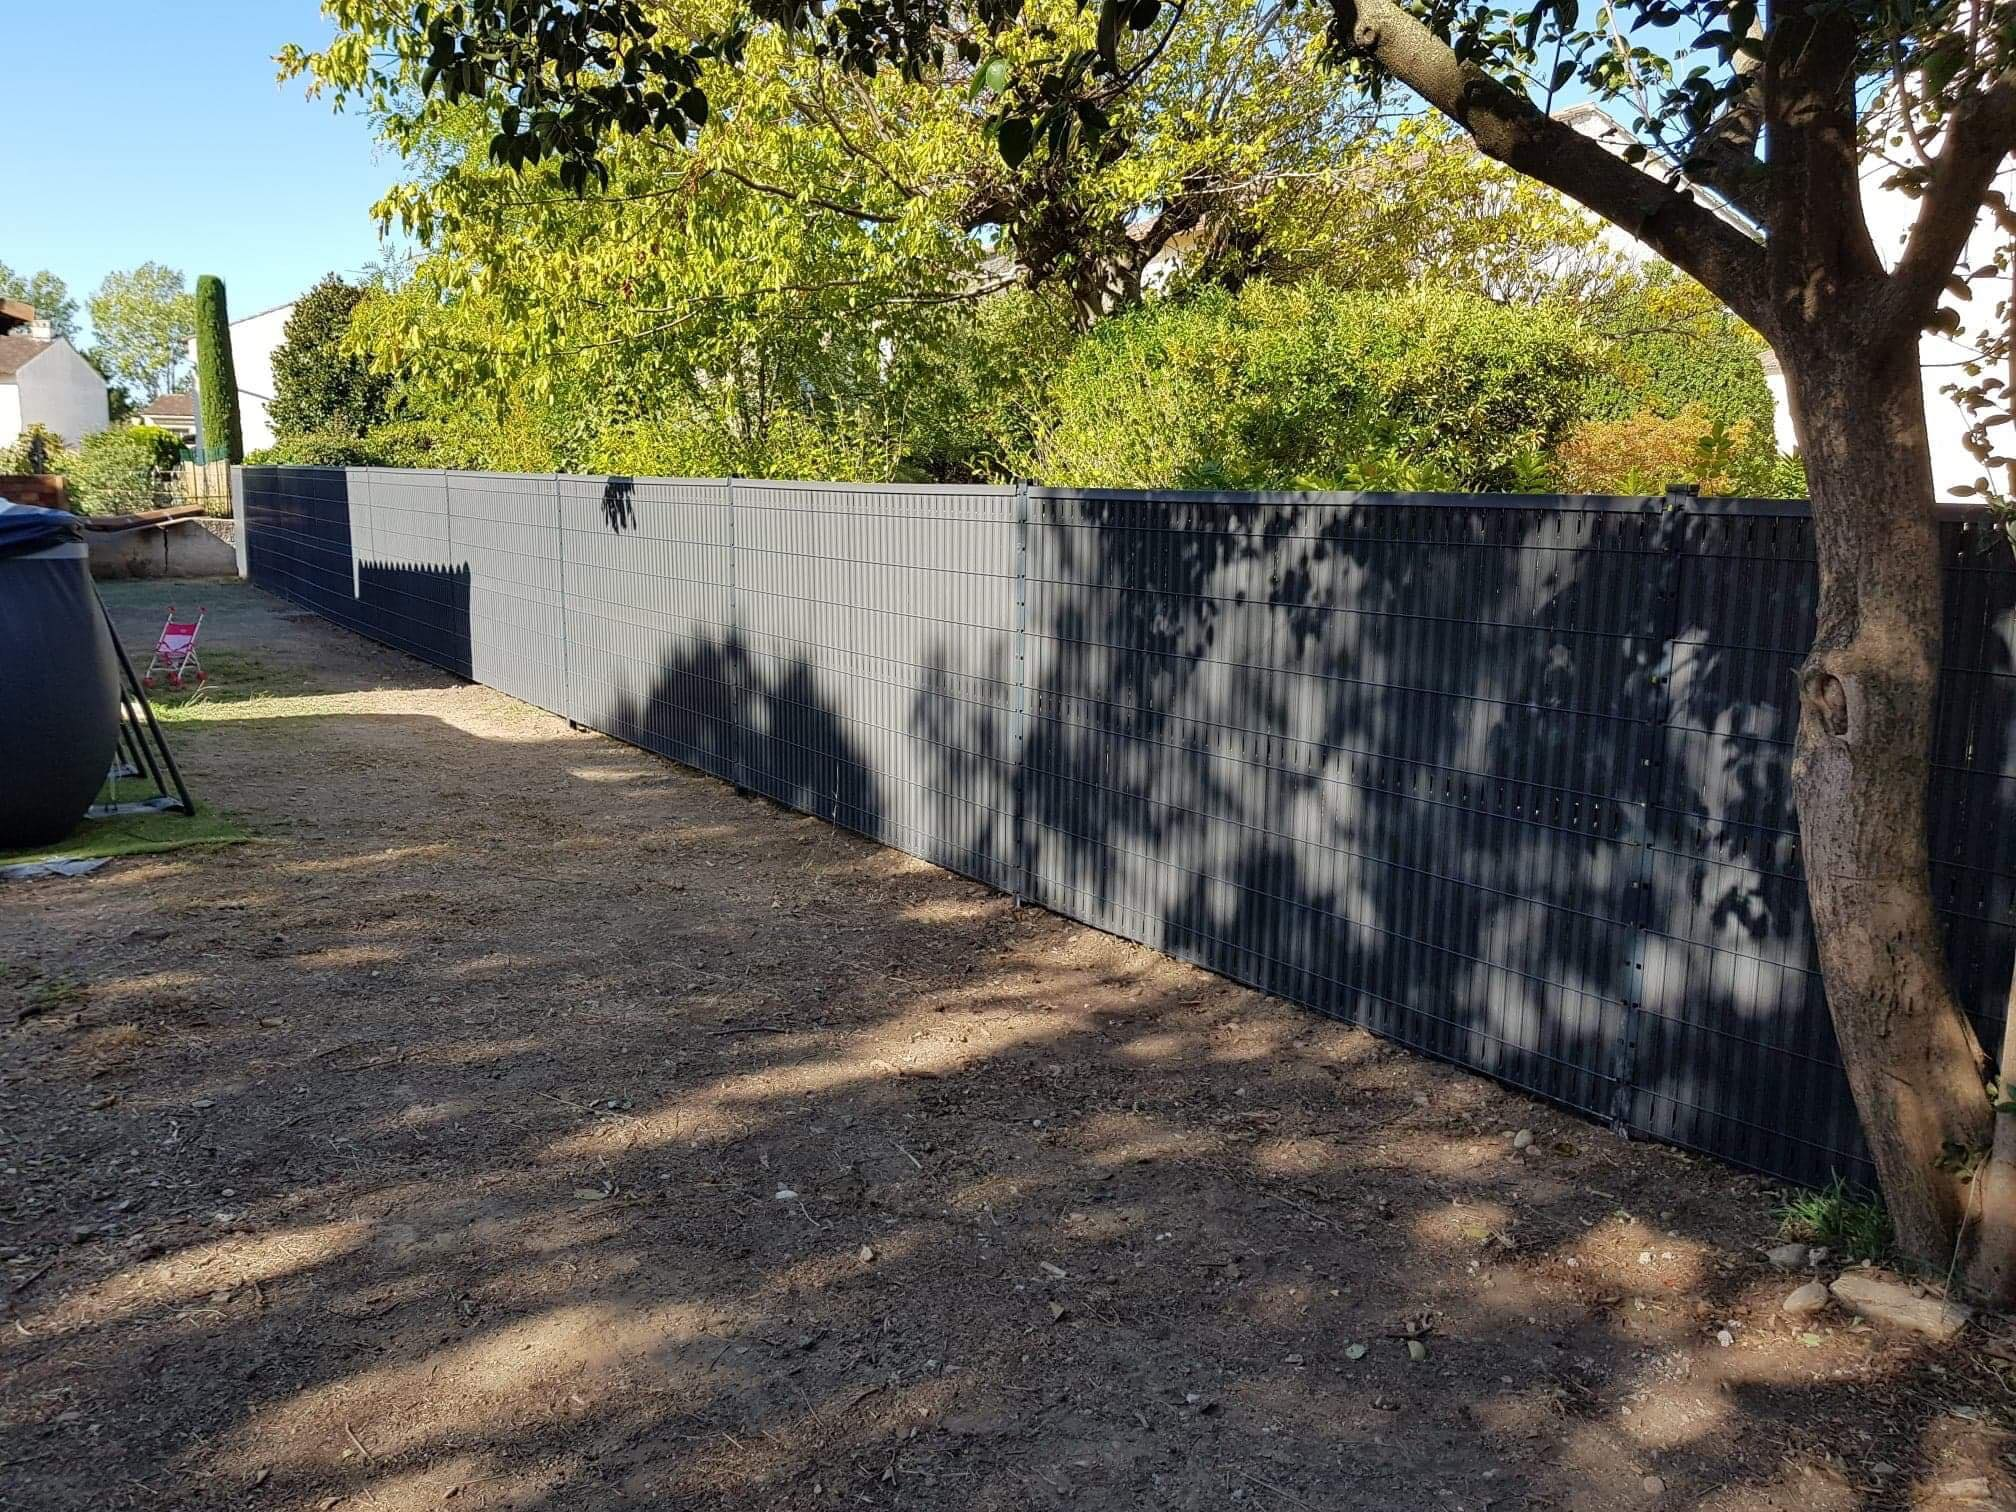 Quel grillage utiliser pour réaliser une clôture en fonction de votre besoin ?